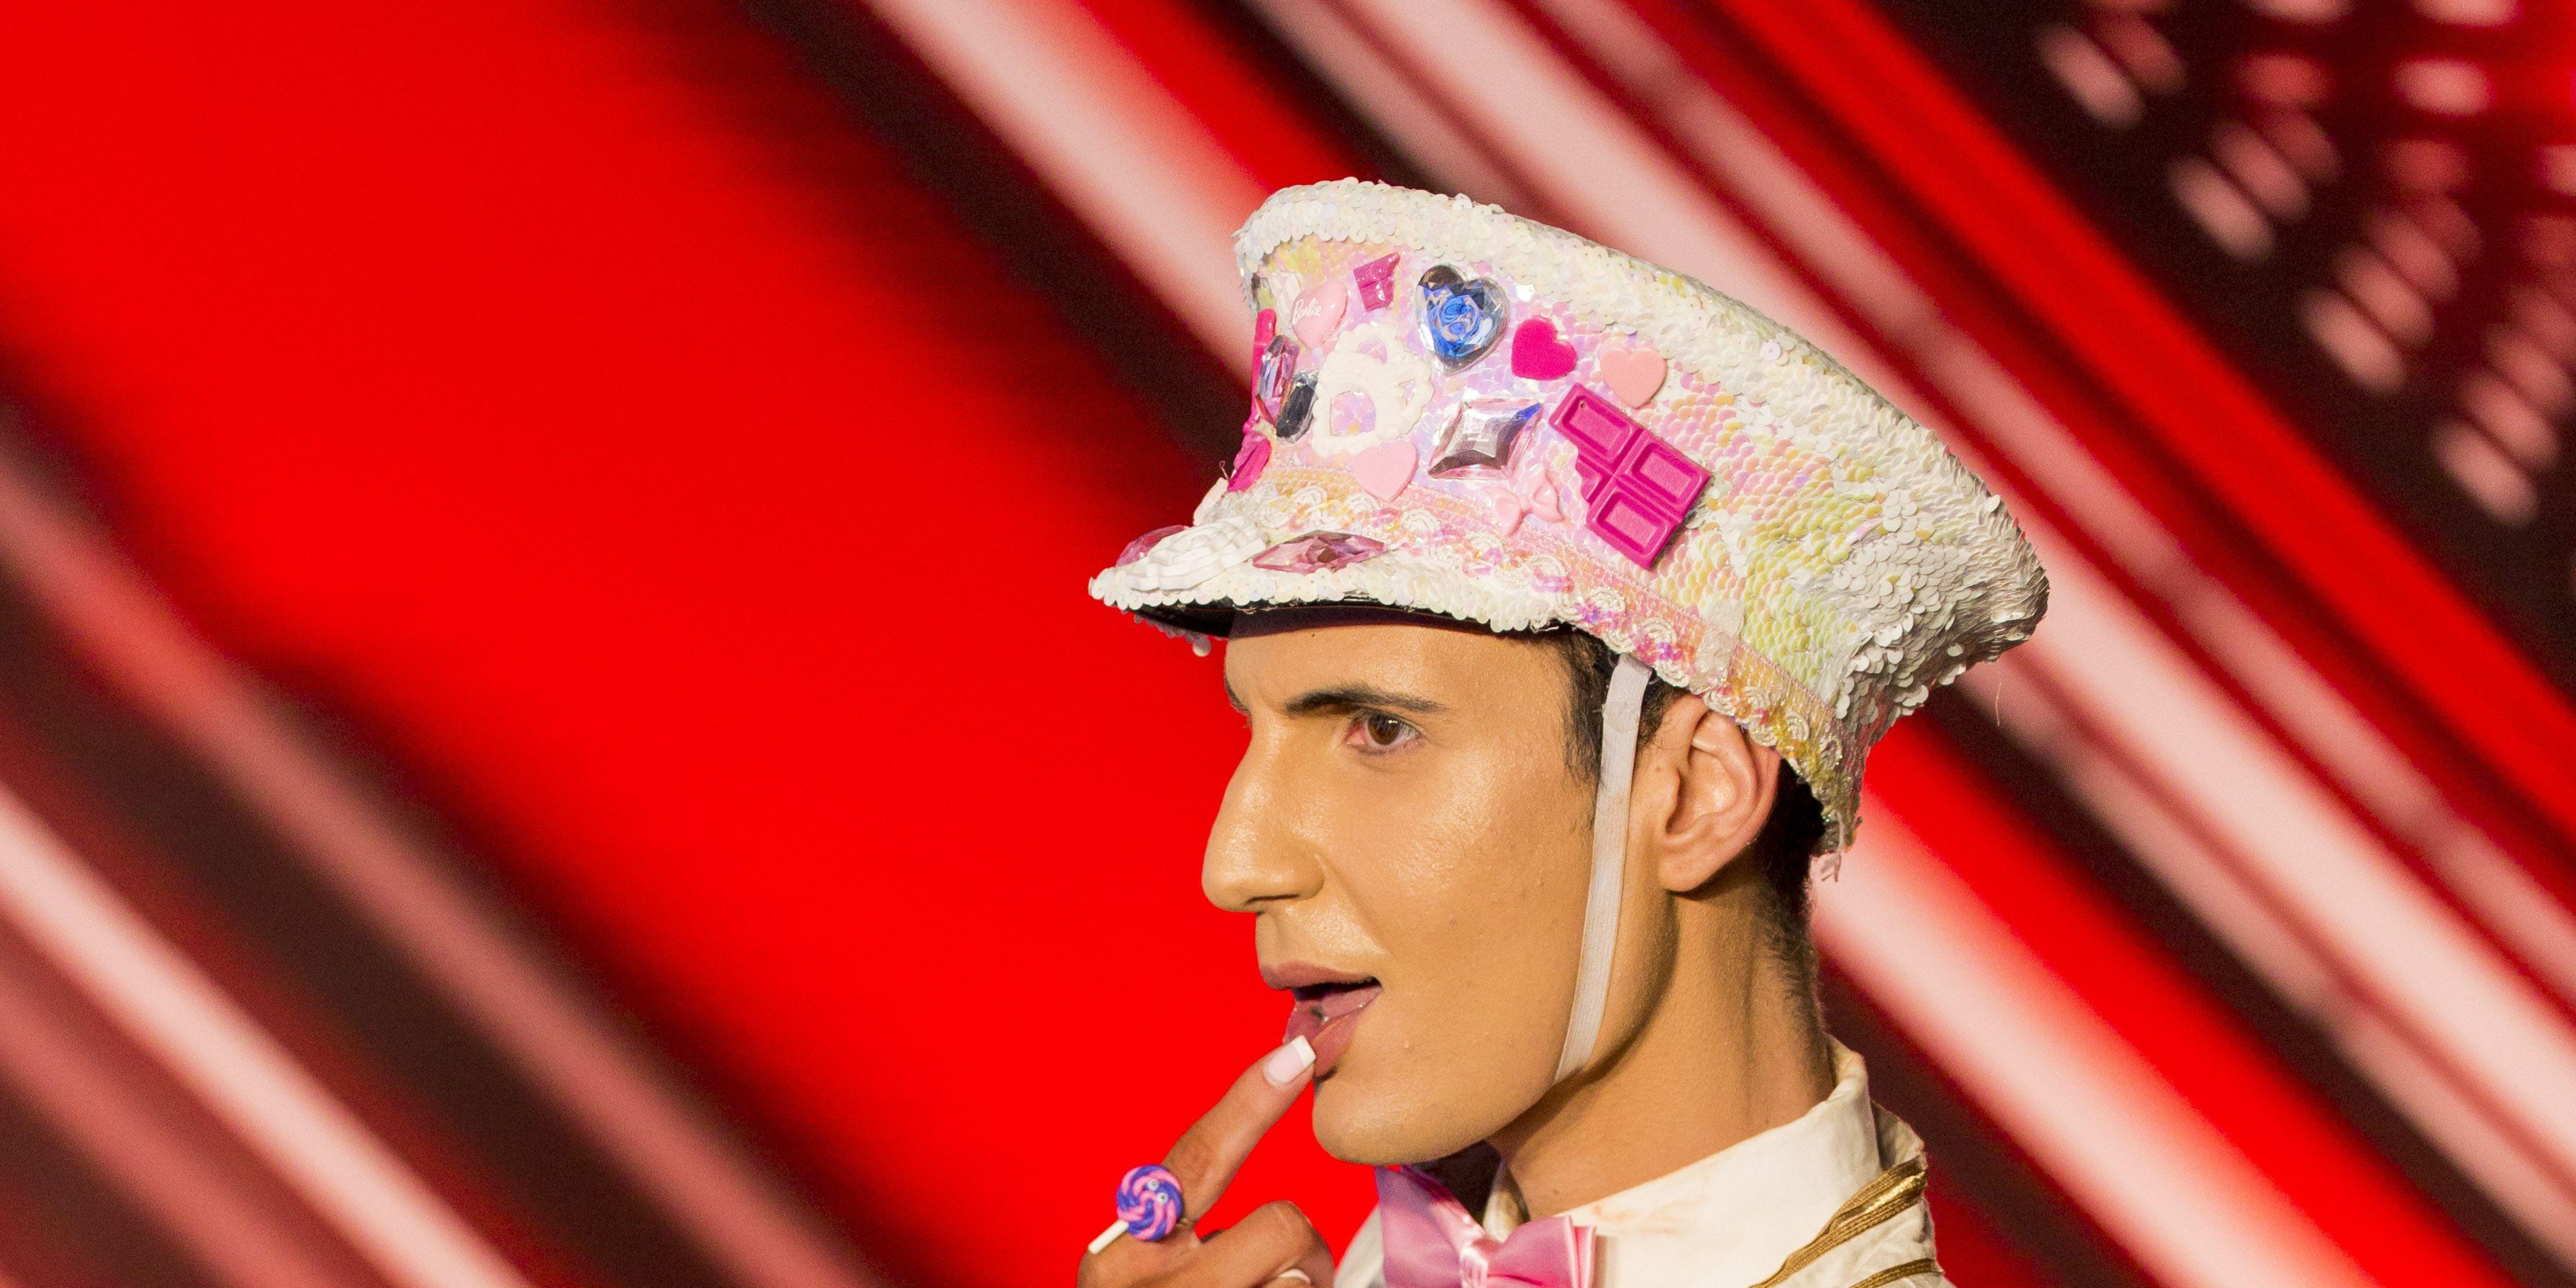 Ottavio on The X Factor